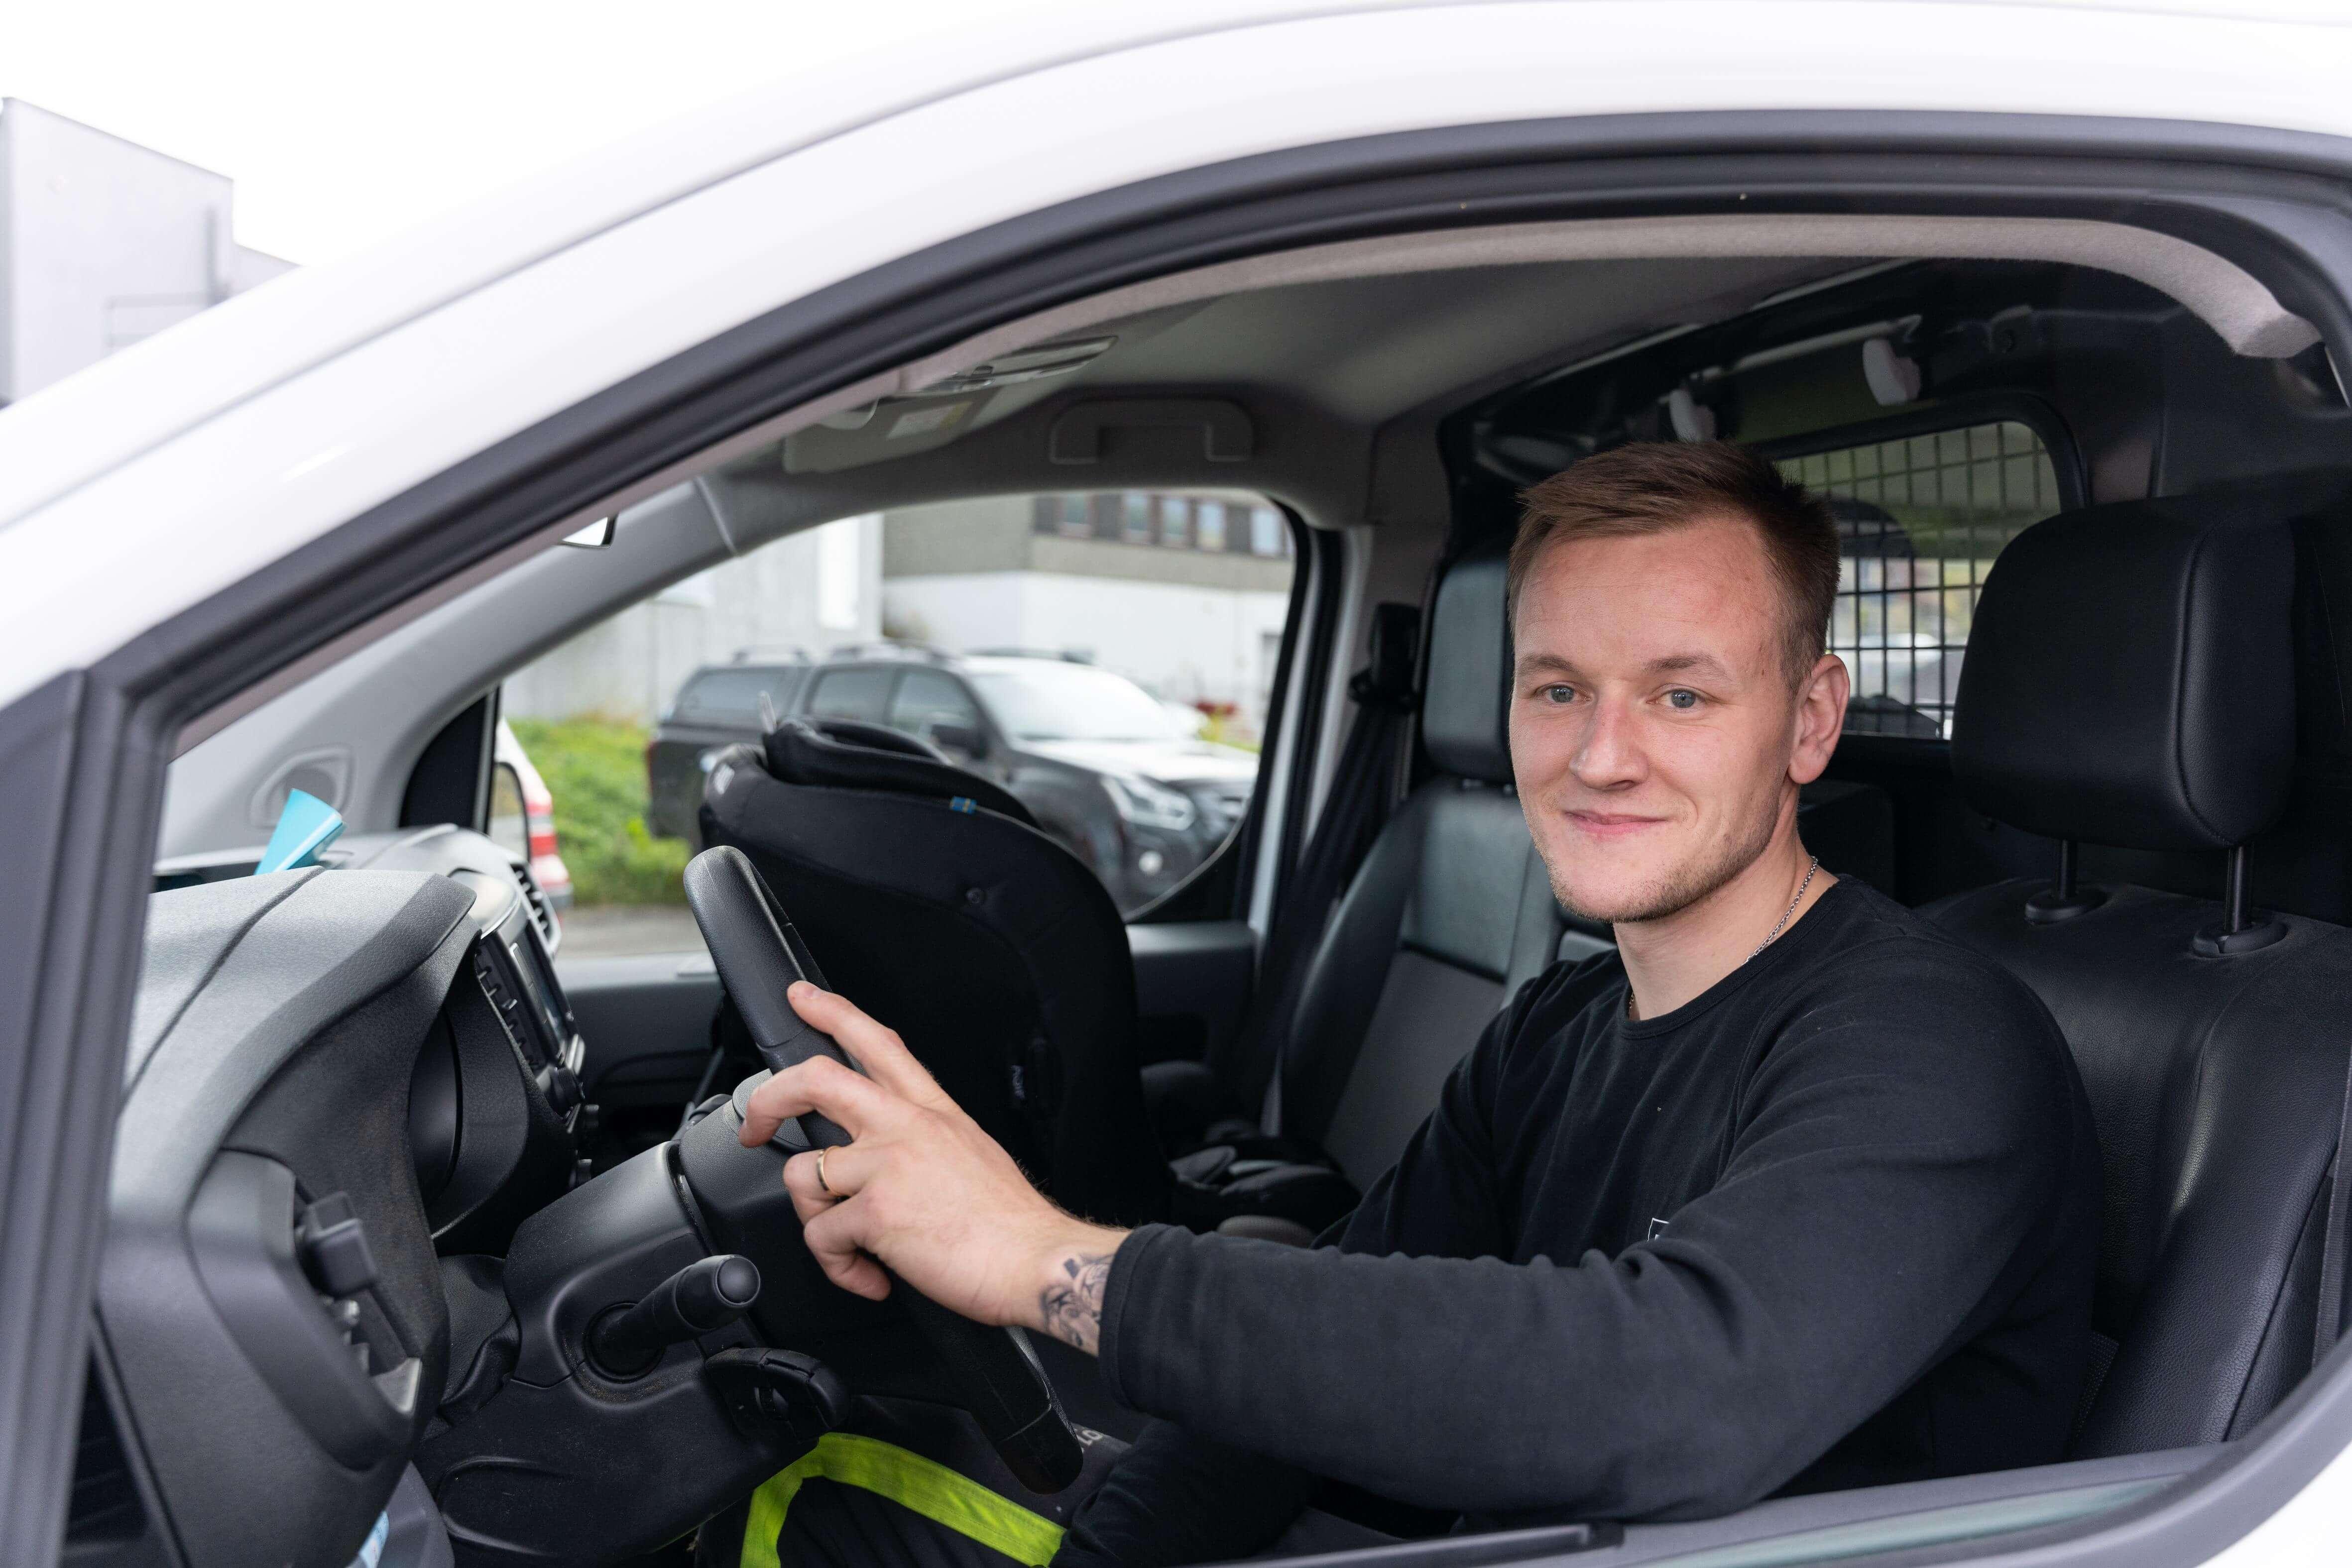 EGEN SERVICEBIL: -Alle fast ansatte har personlig servicebil, forteller Sølve Vangen.